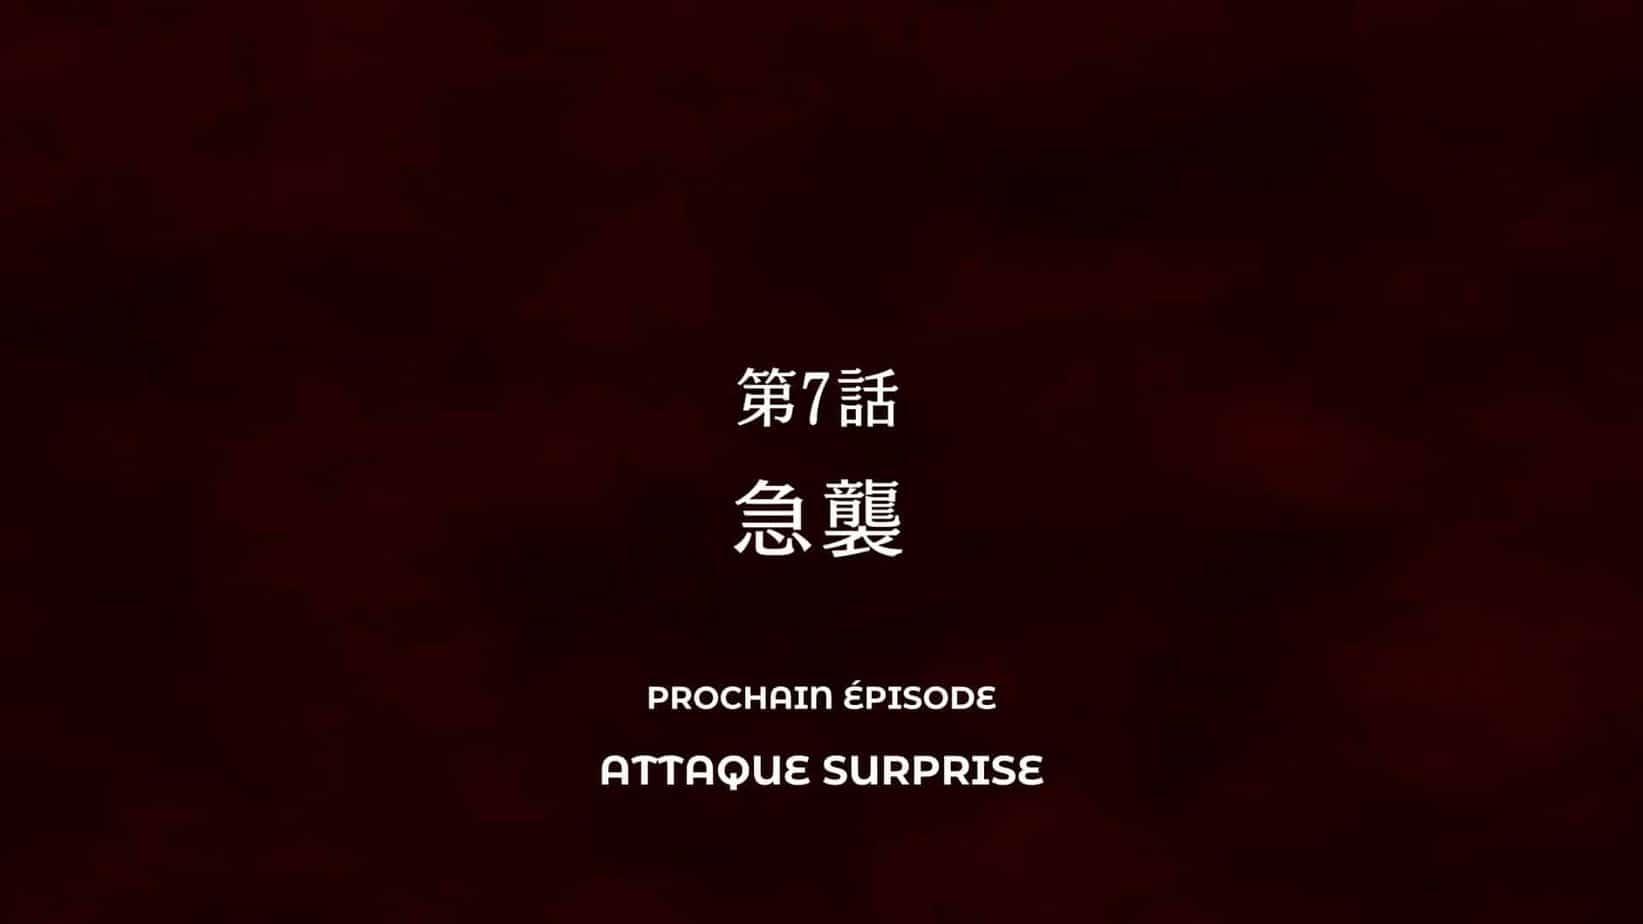 Jujutsu Kaisen Episode 7 vostfr -Attaque Suprise 21